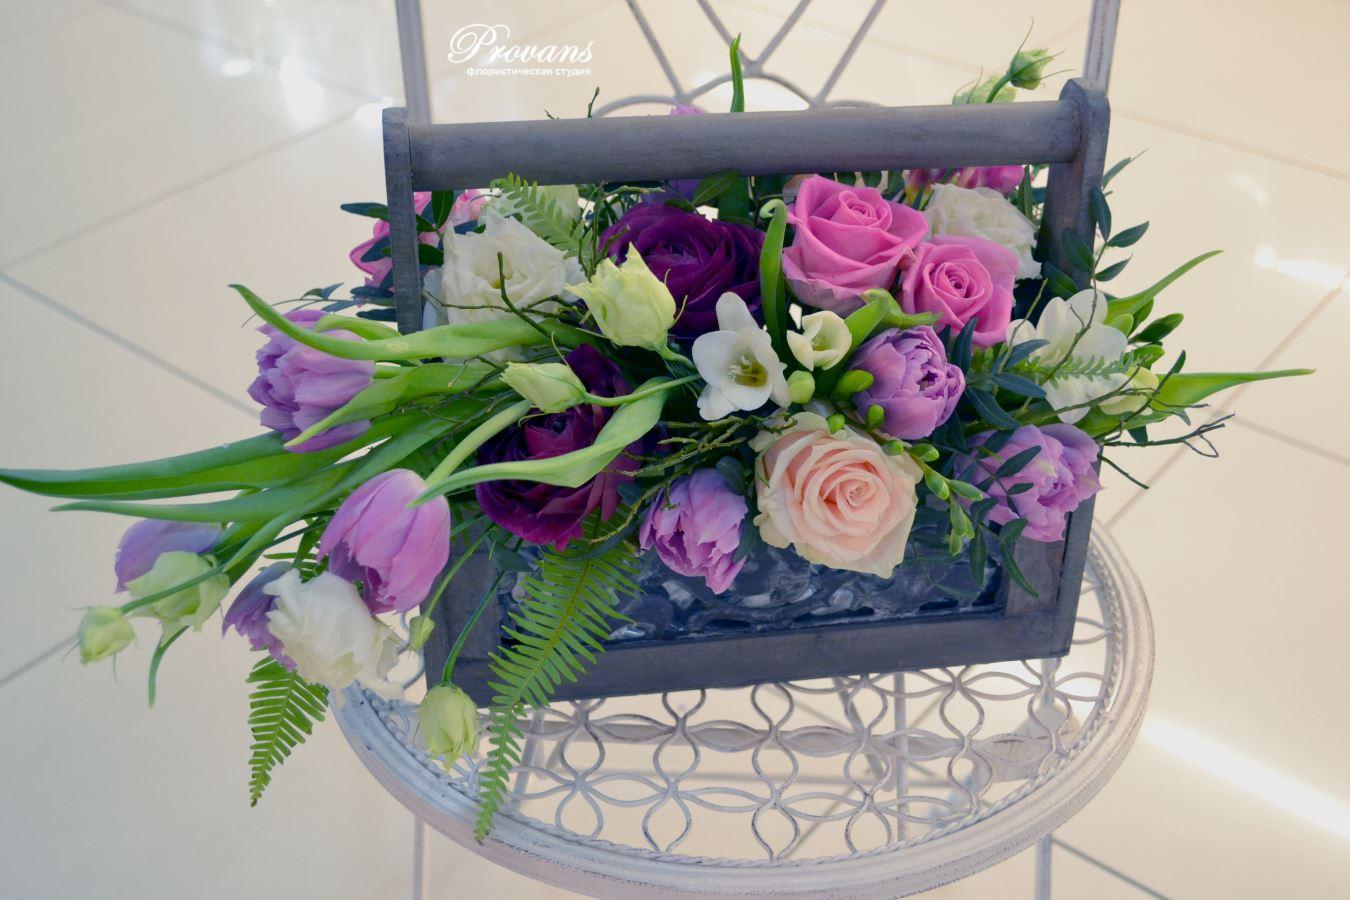 Композиция садовые цветы в деревянном ящике. Розы, тюльпаны